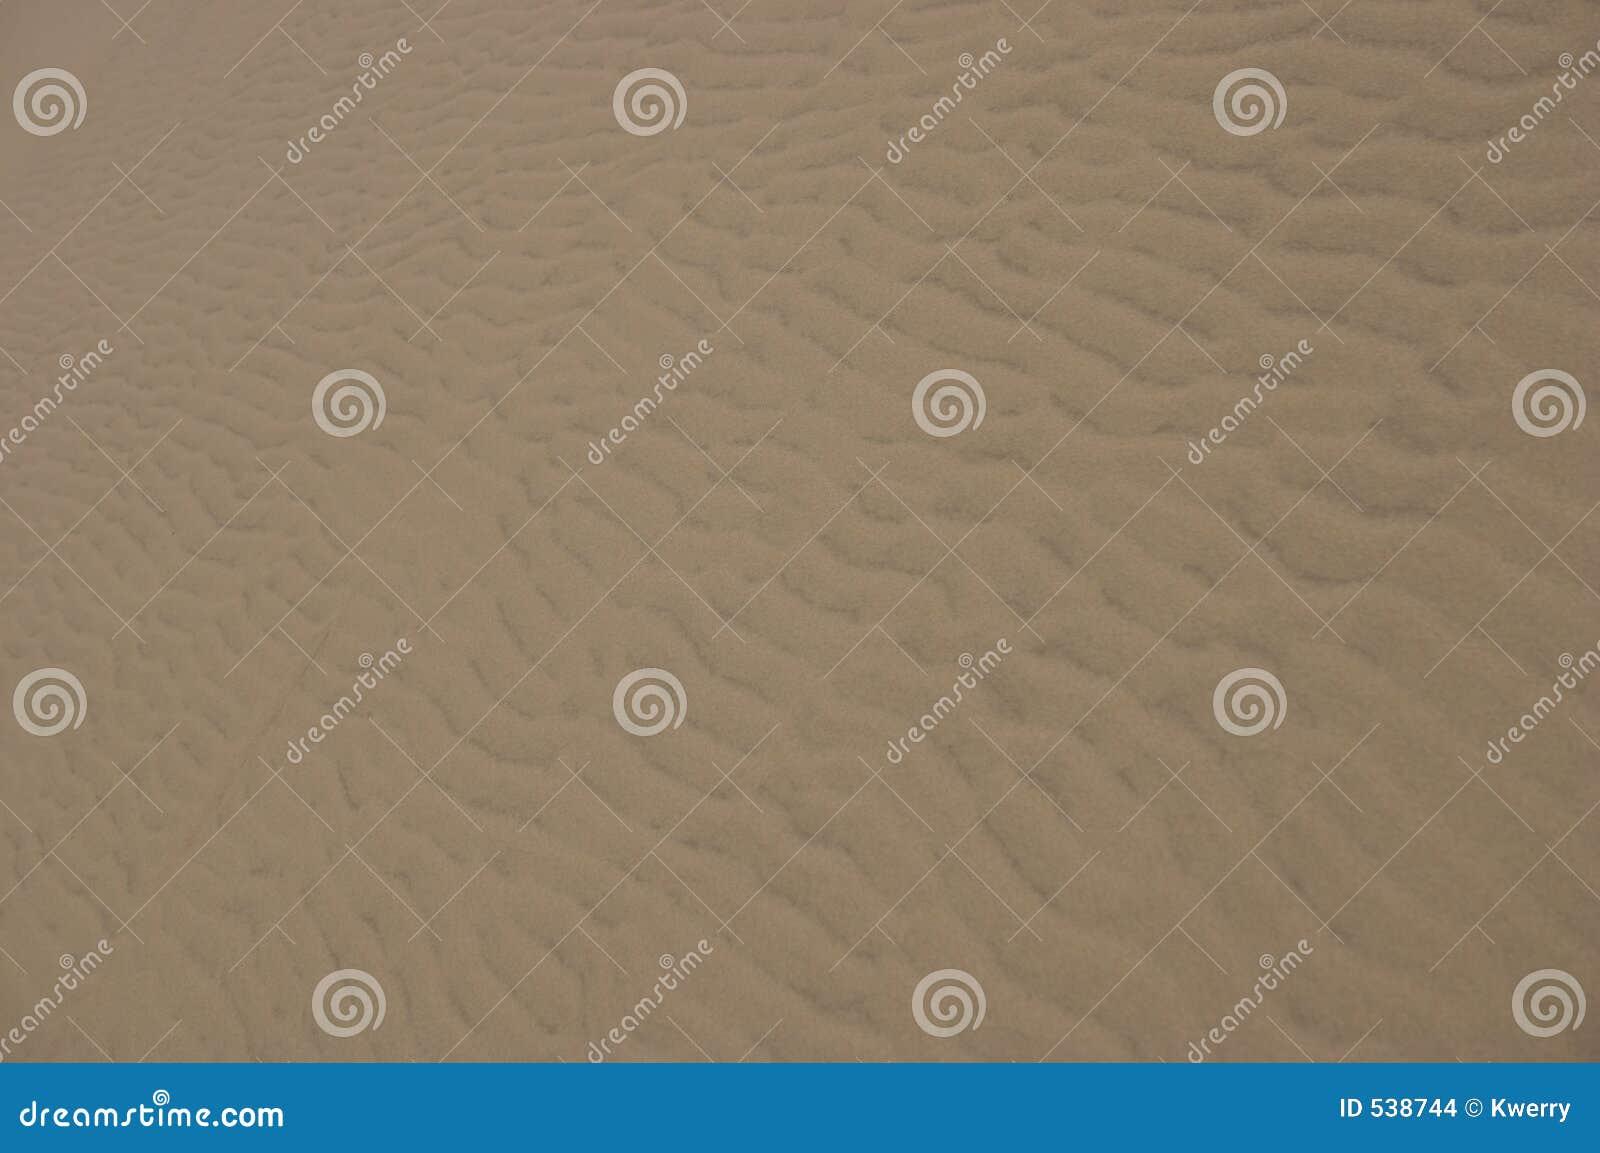 Download 沙子 库存照片. 图片 包括有 沙子, 棕褐色, 谷物, 波纹, 背包, 纹理, 平稳, 墙纸, 火箭筒 - 538744